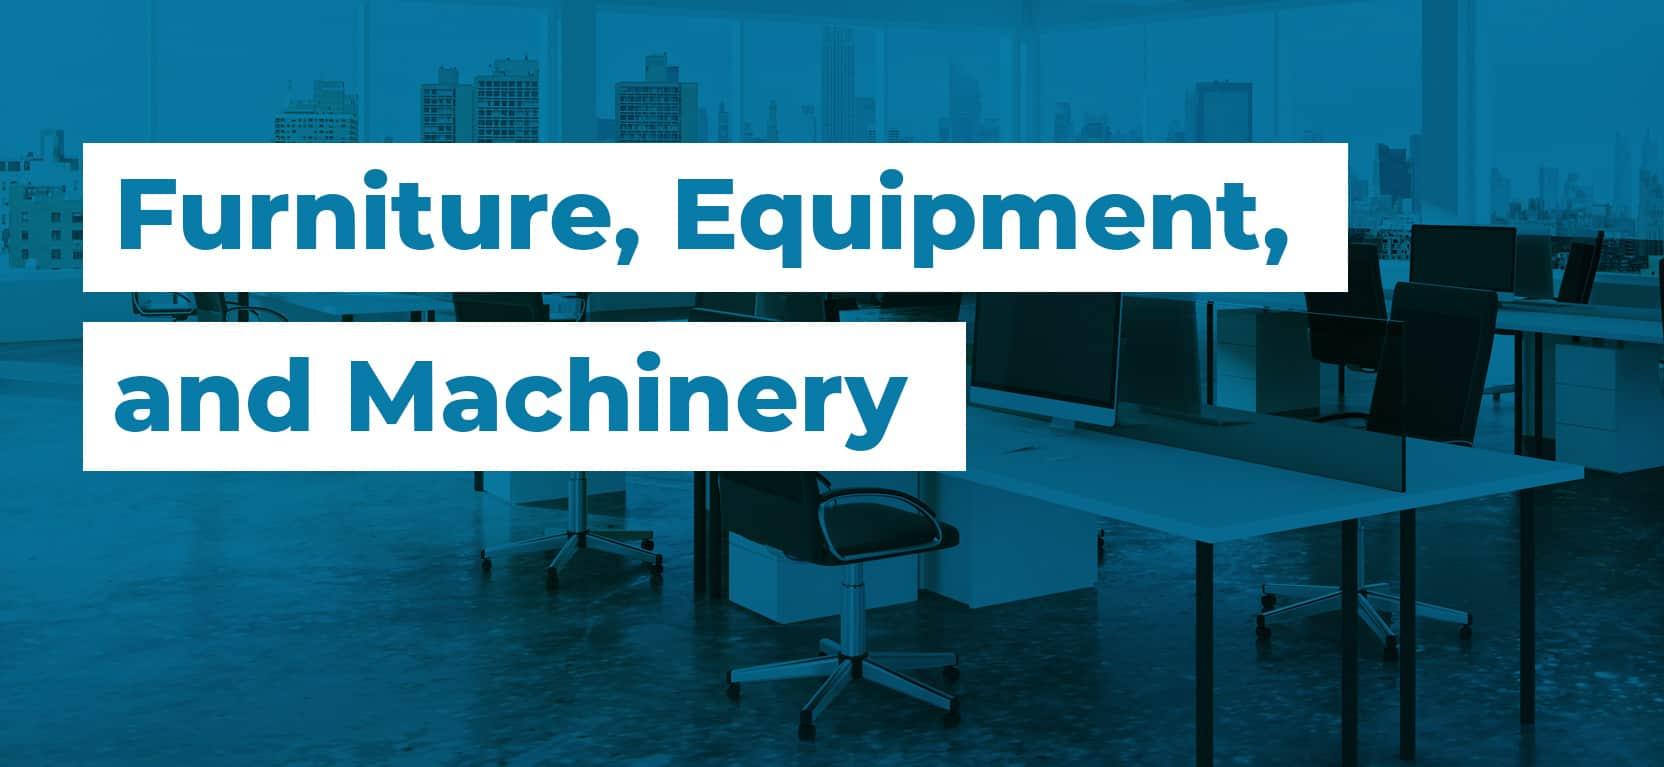 08 Furniture Equipment and Machinery3